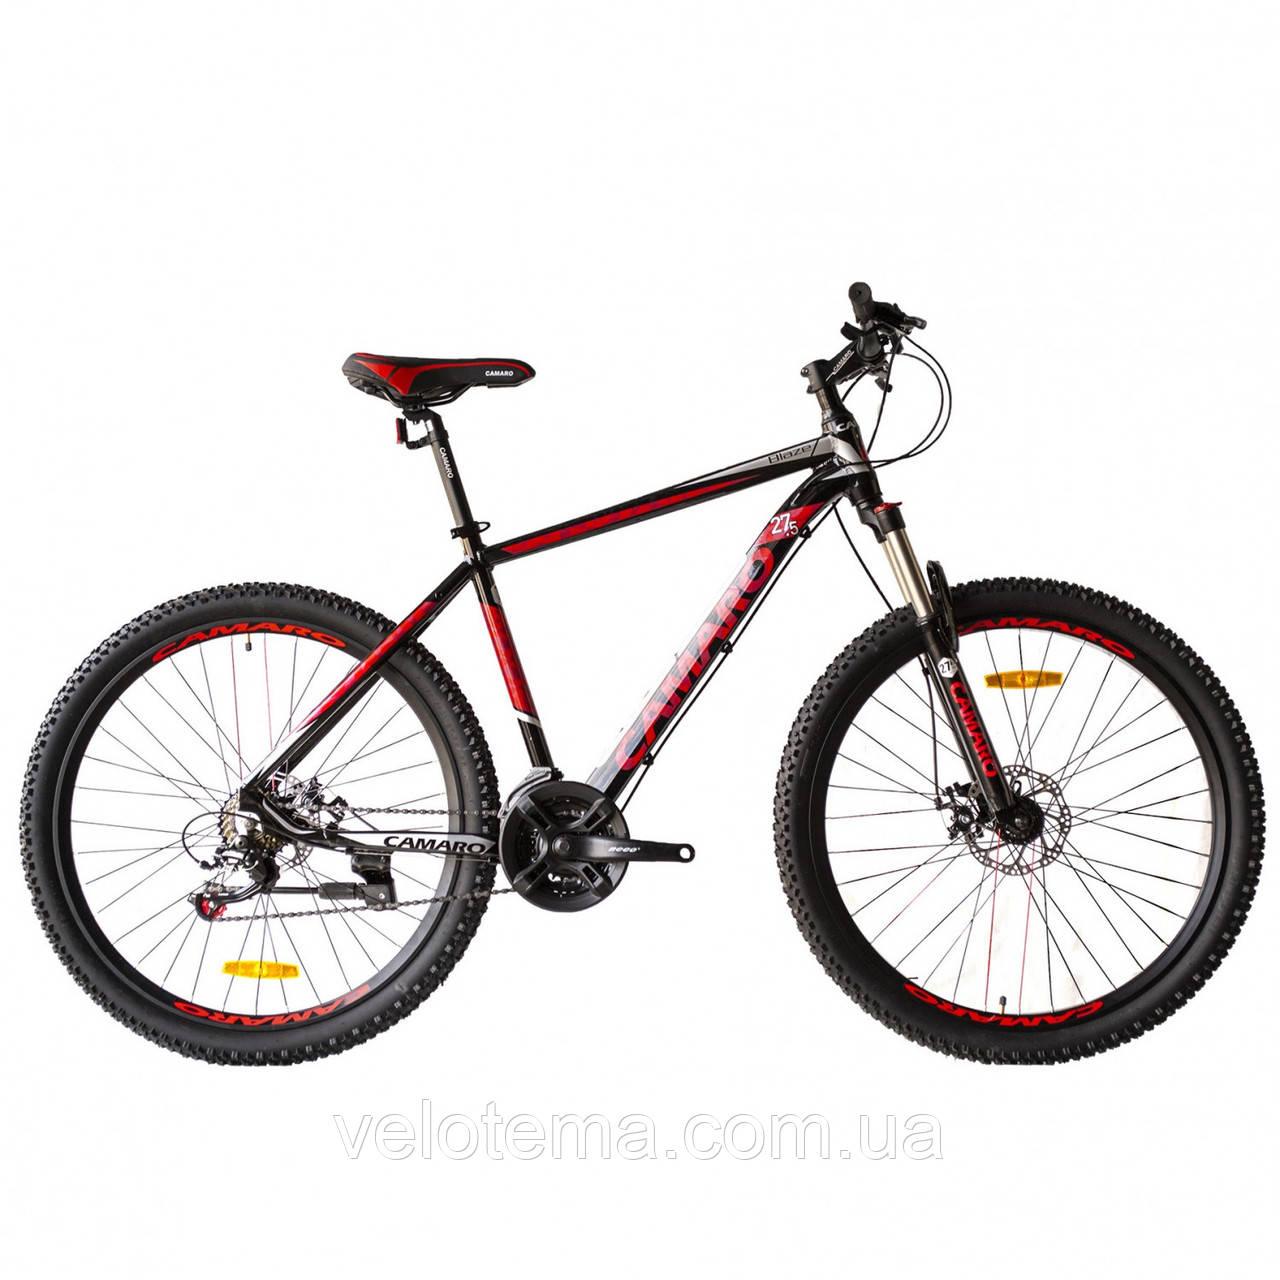 """Велосипед CAMARO Blaze 27.5"""" чорно-червоний Рама 17"""" 19"""" 2020р"""